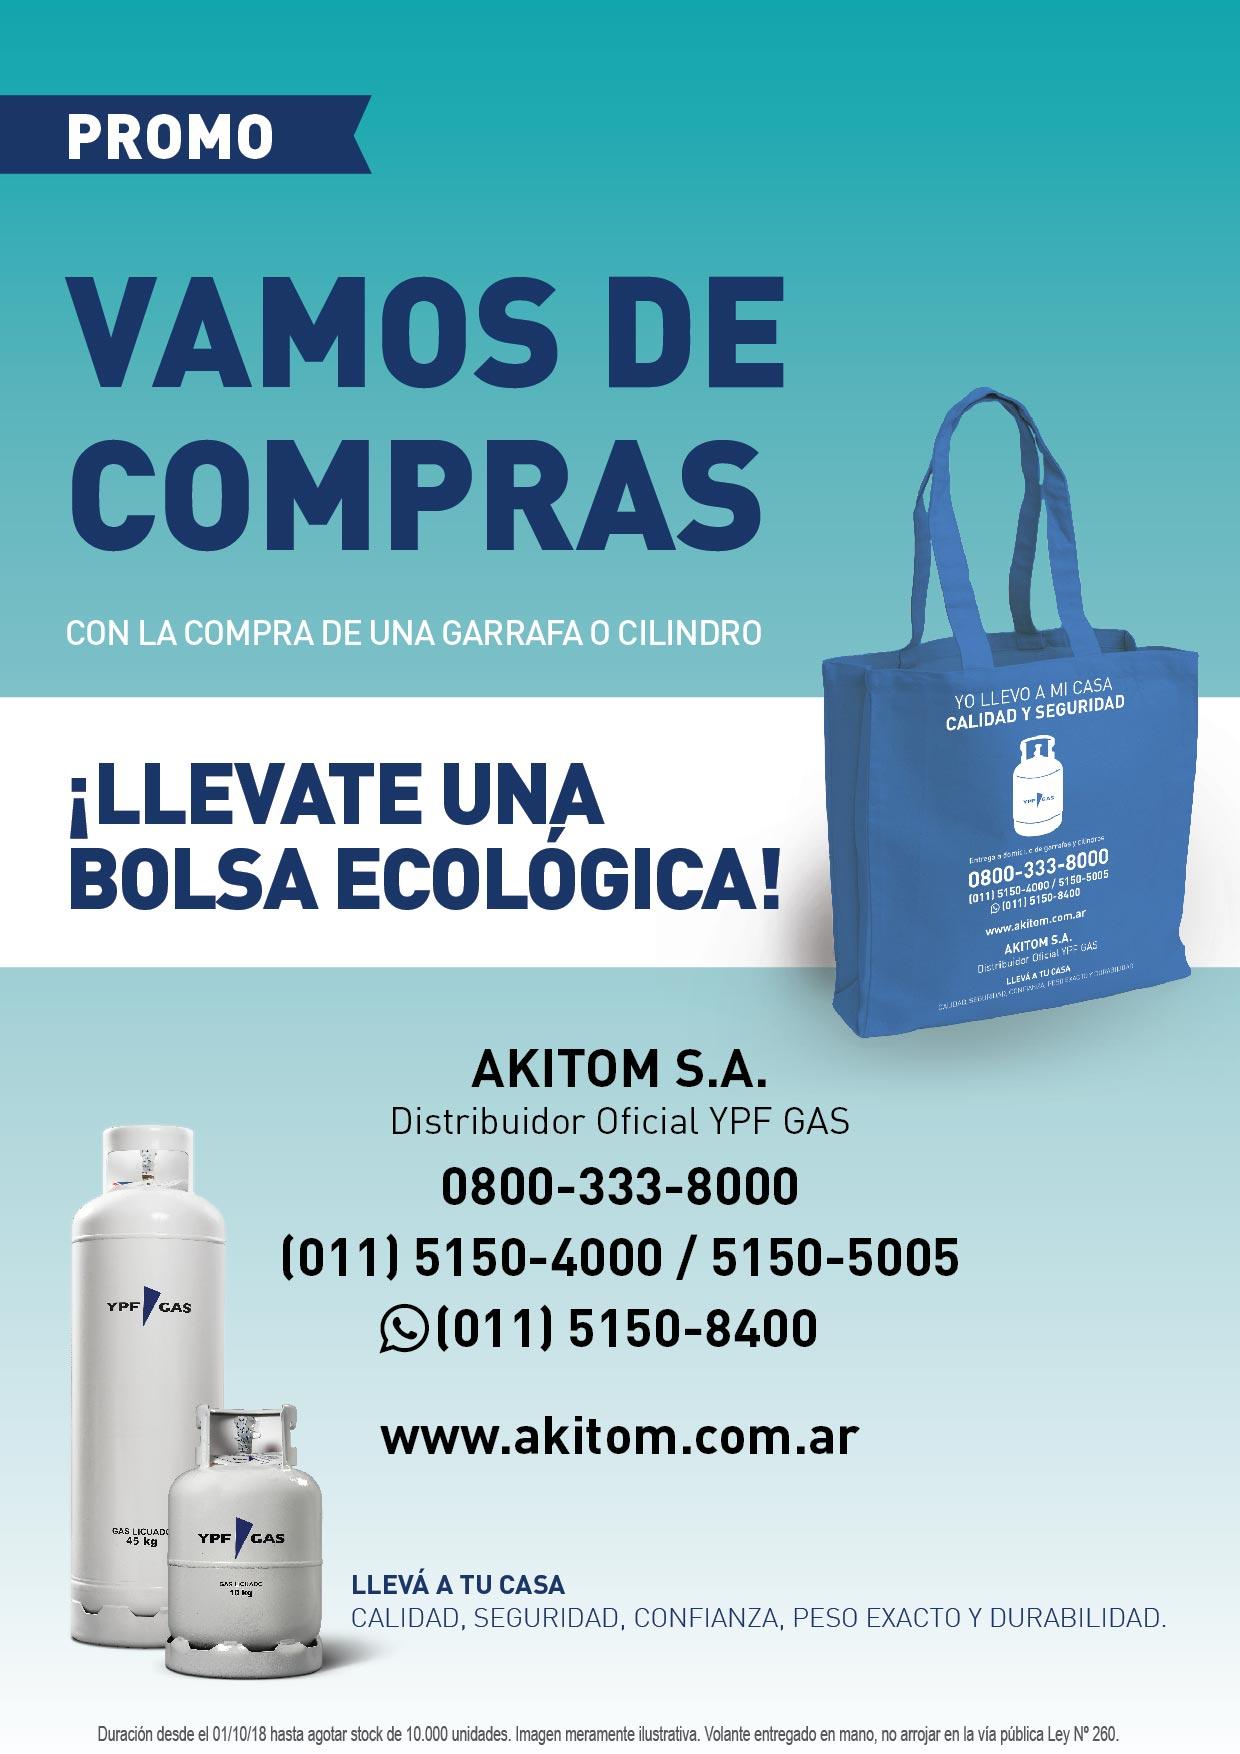 Llevate una Bolsa Ecológica de regalo!